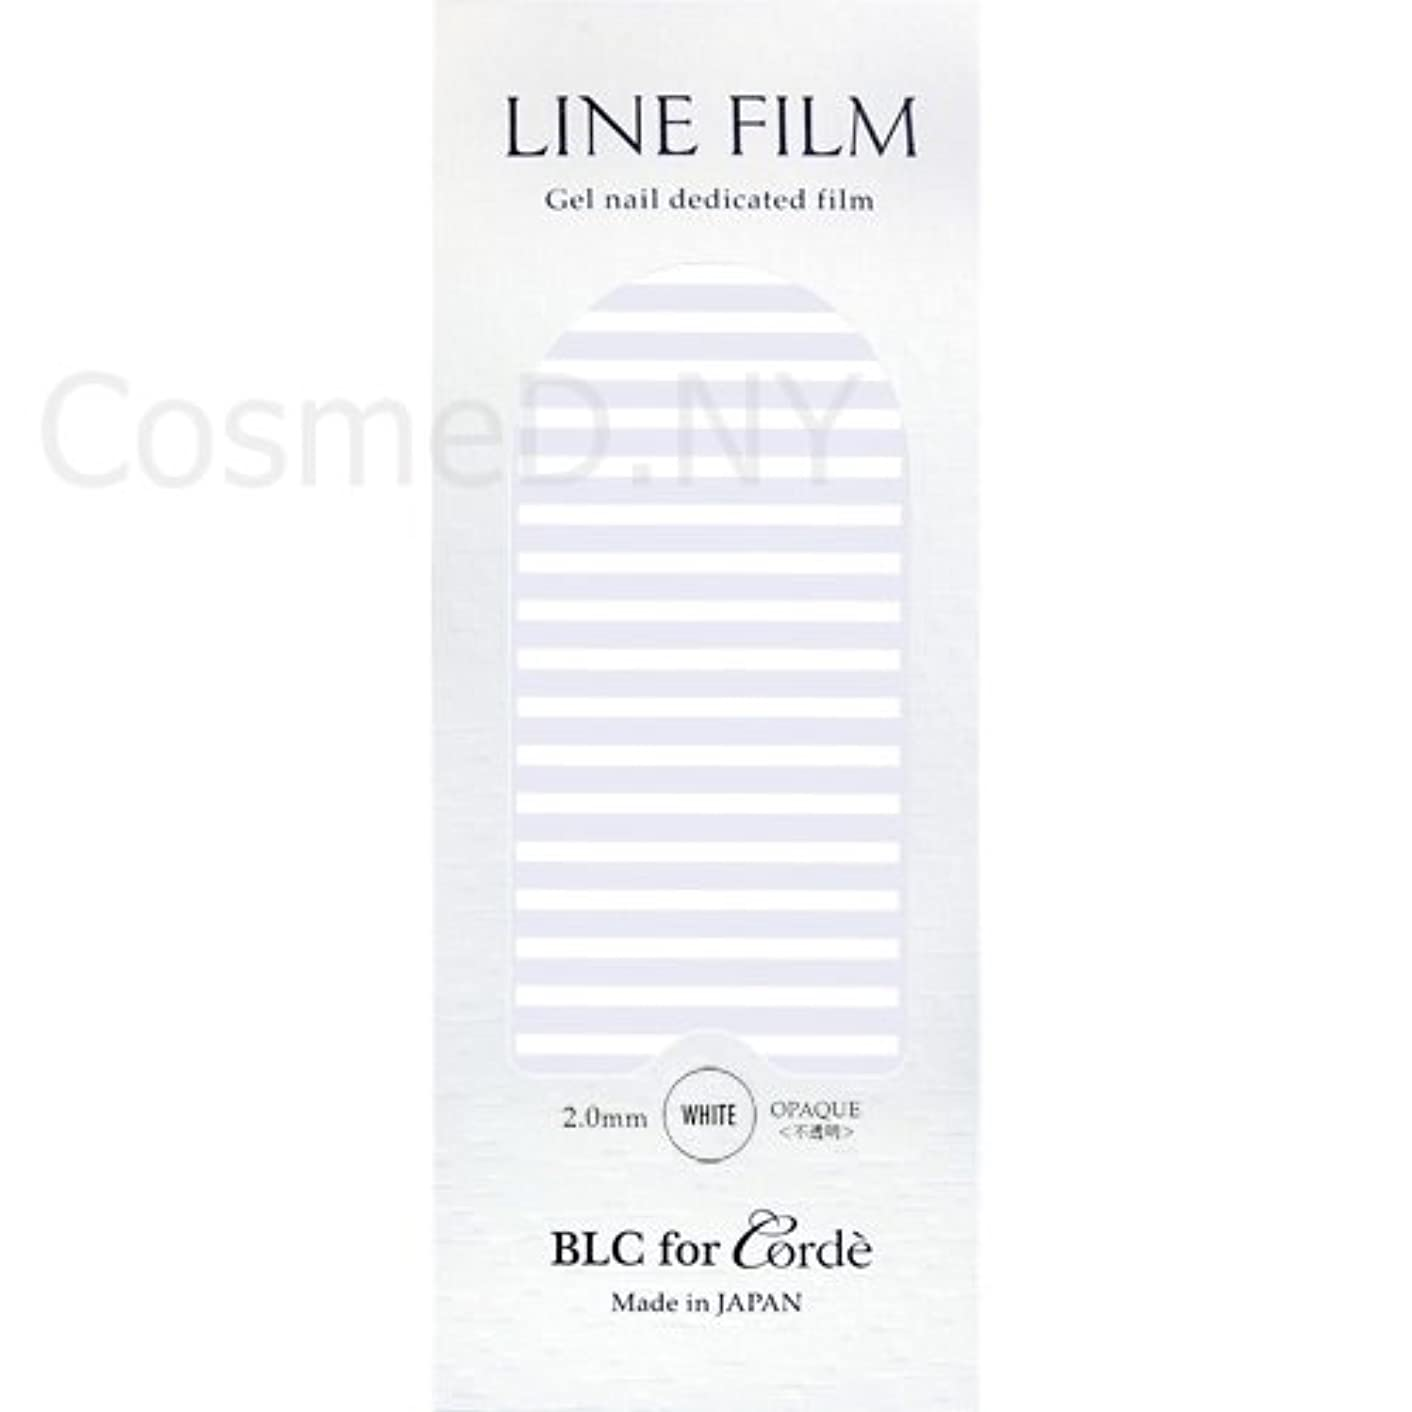 労苦武装解除こっそりBLC for Corde(ビーエルシーフォーコーデ)ラインフィルム ホワイト 2mm【ネイルアート、ネイルシール】